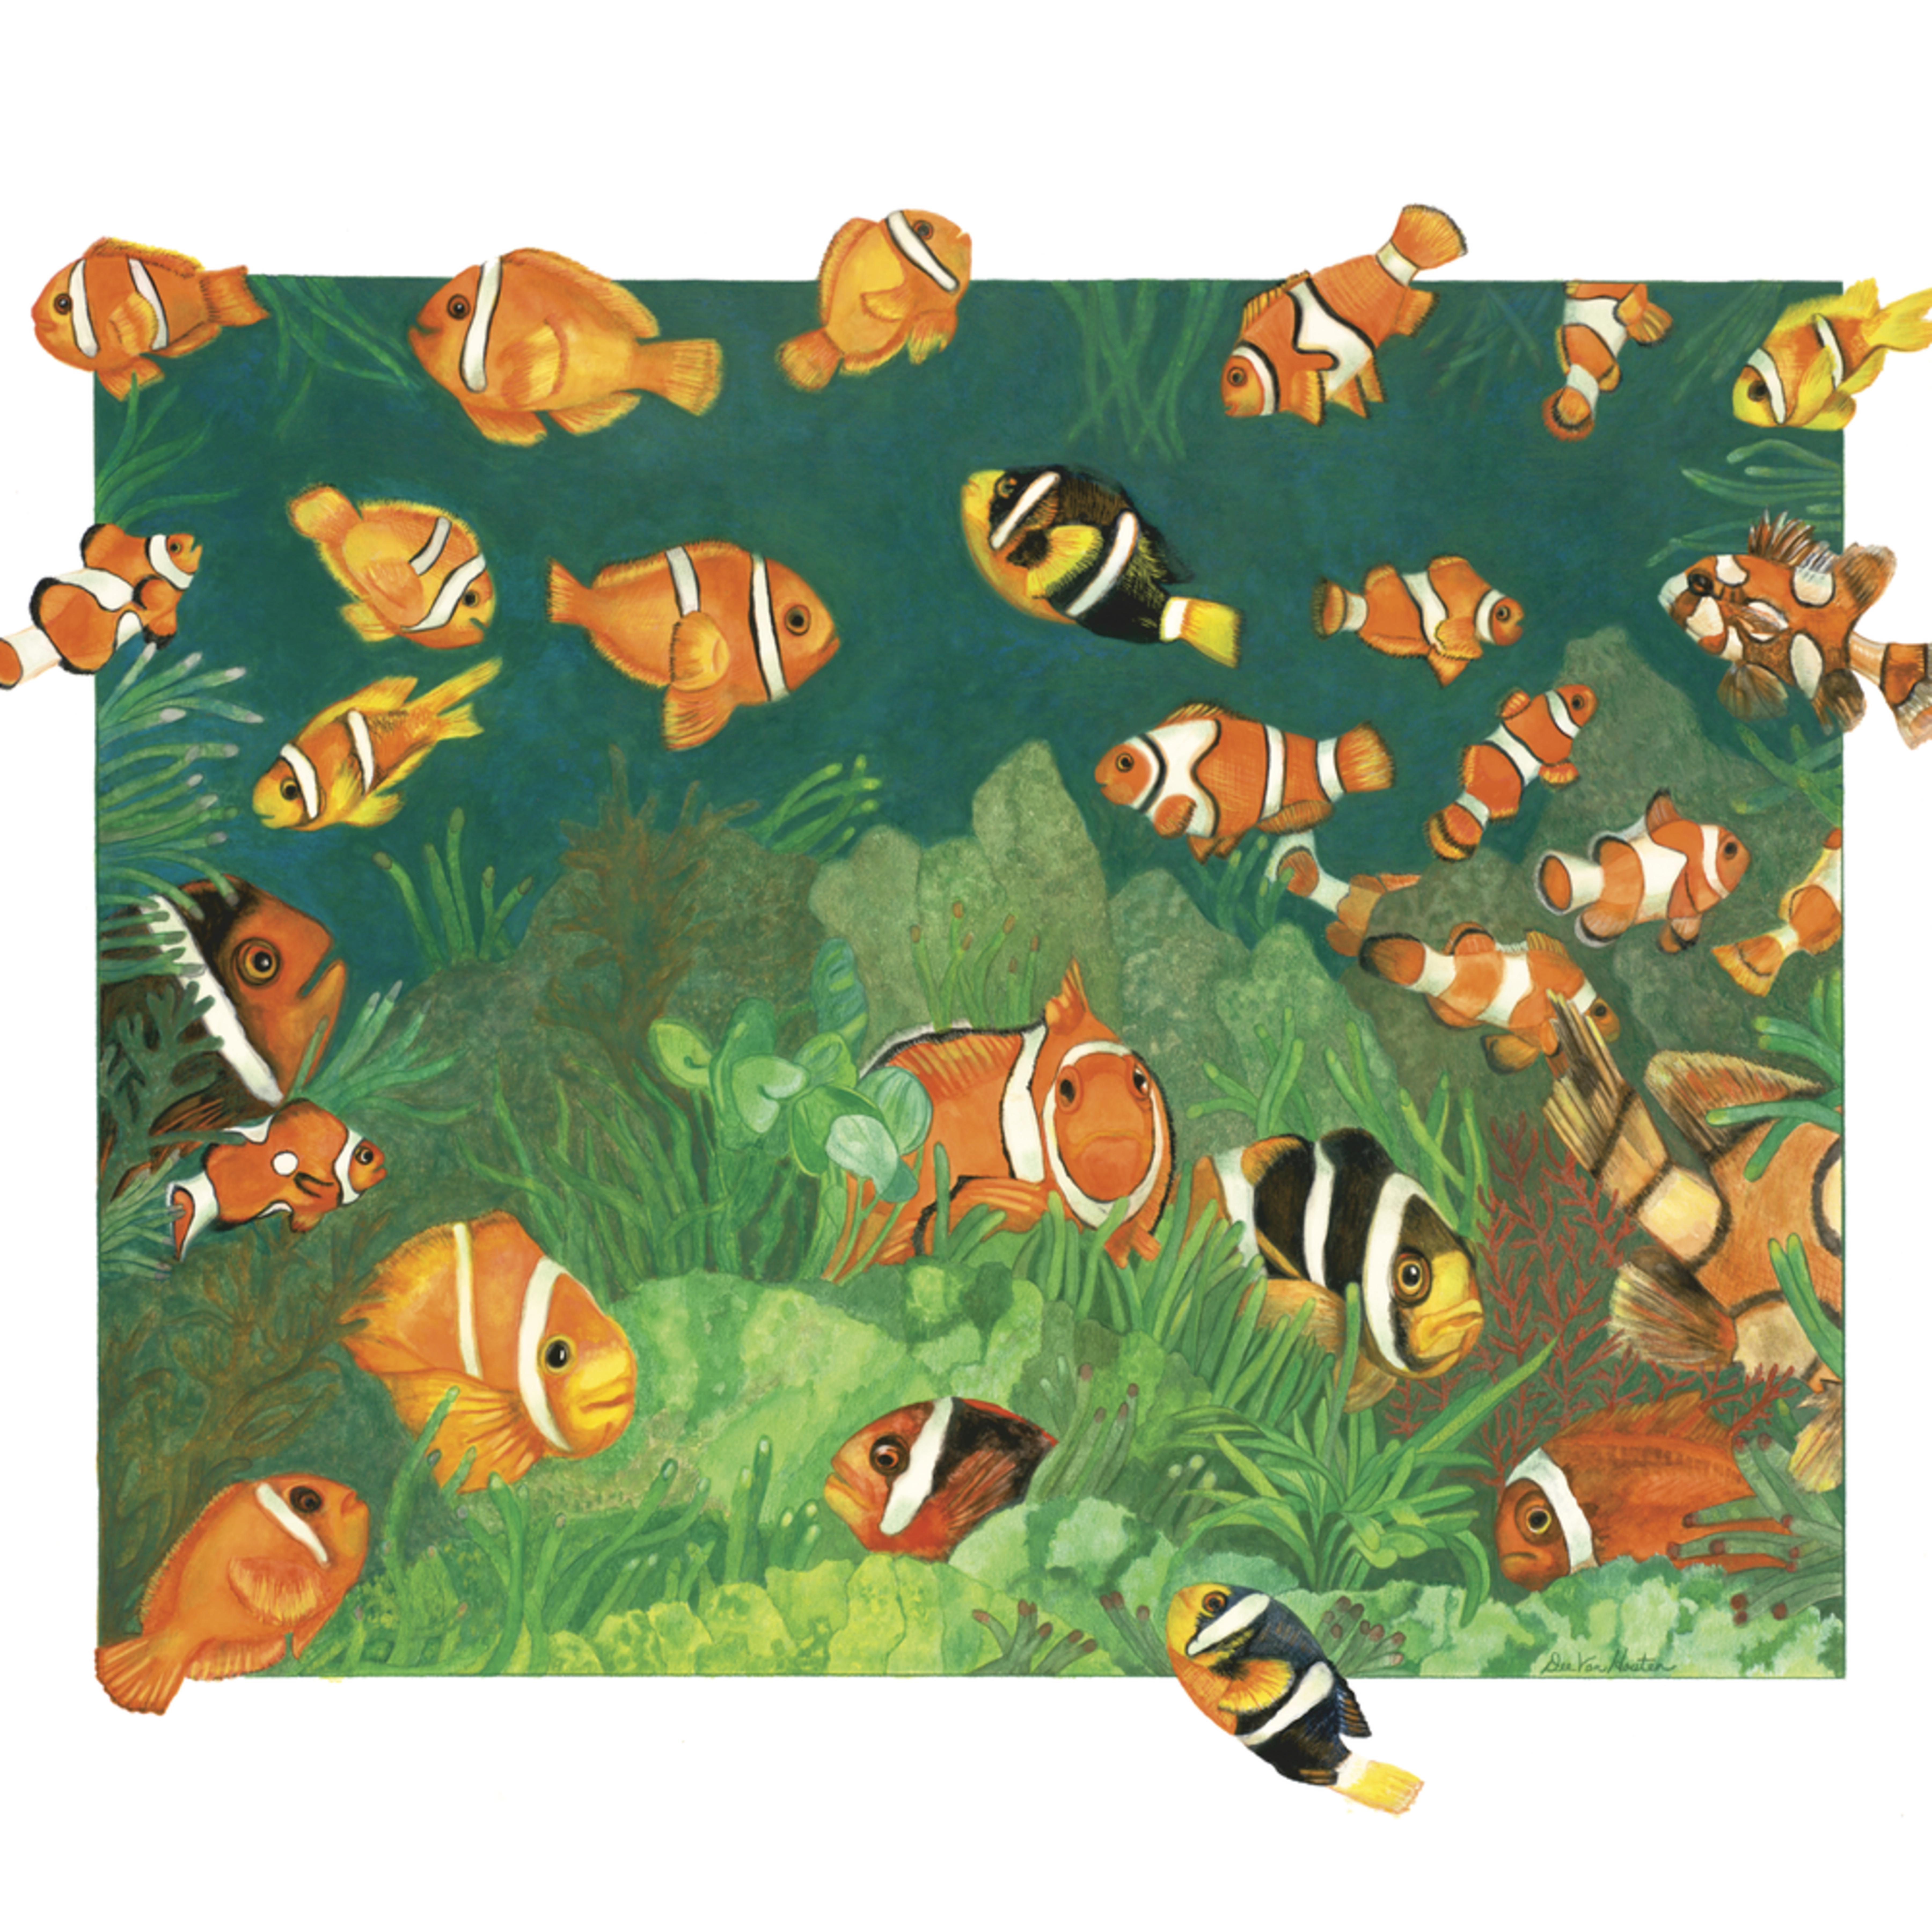 Dee van houten clownfish watercolor m2evid